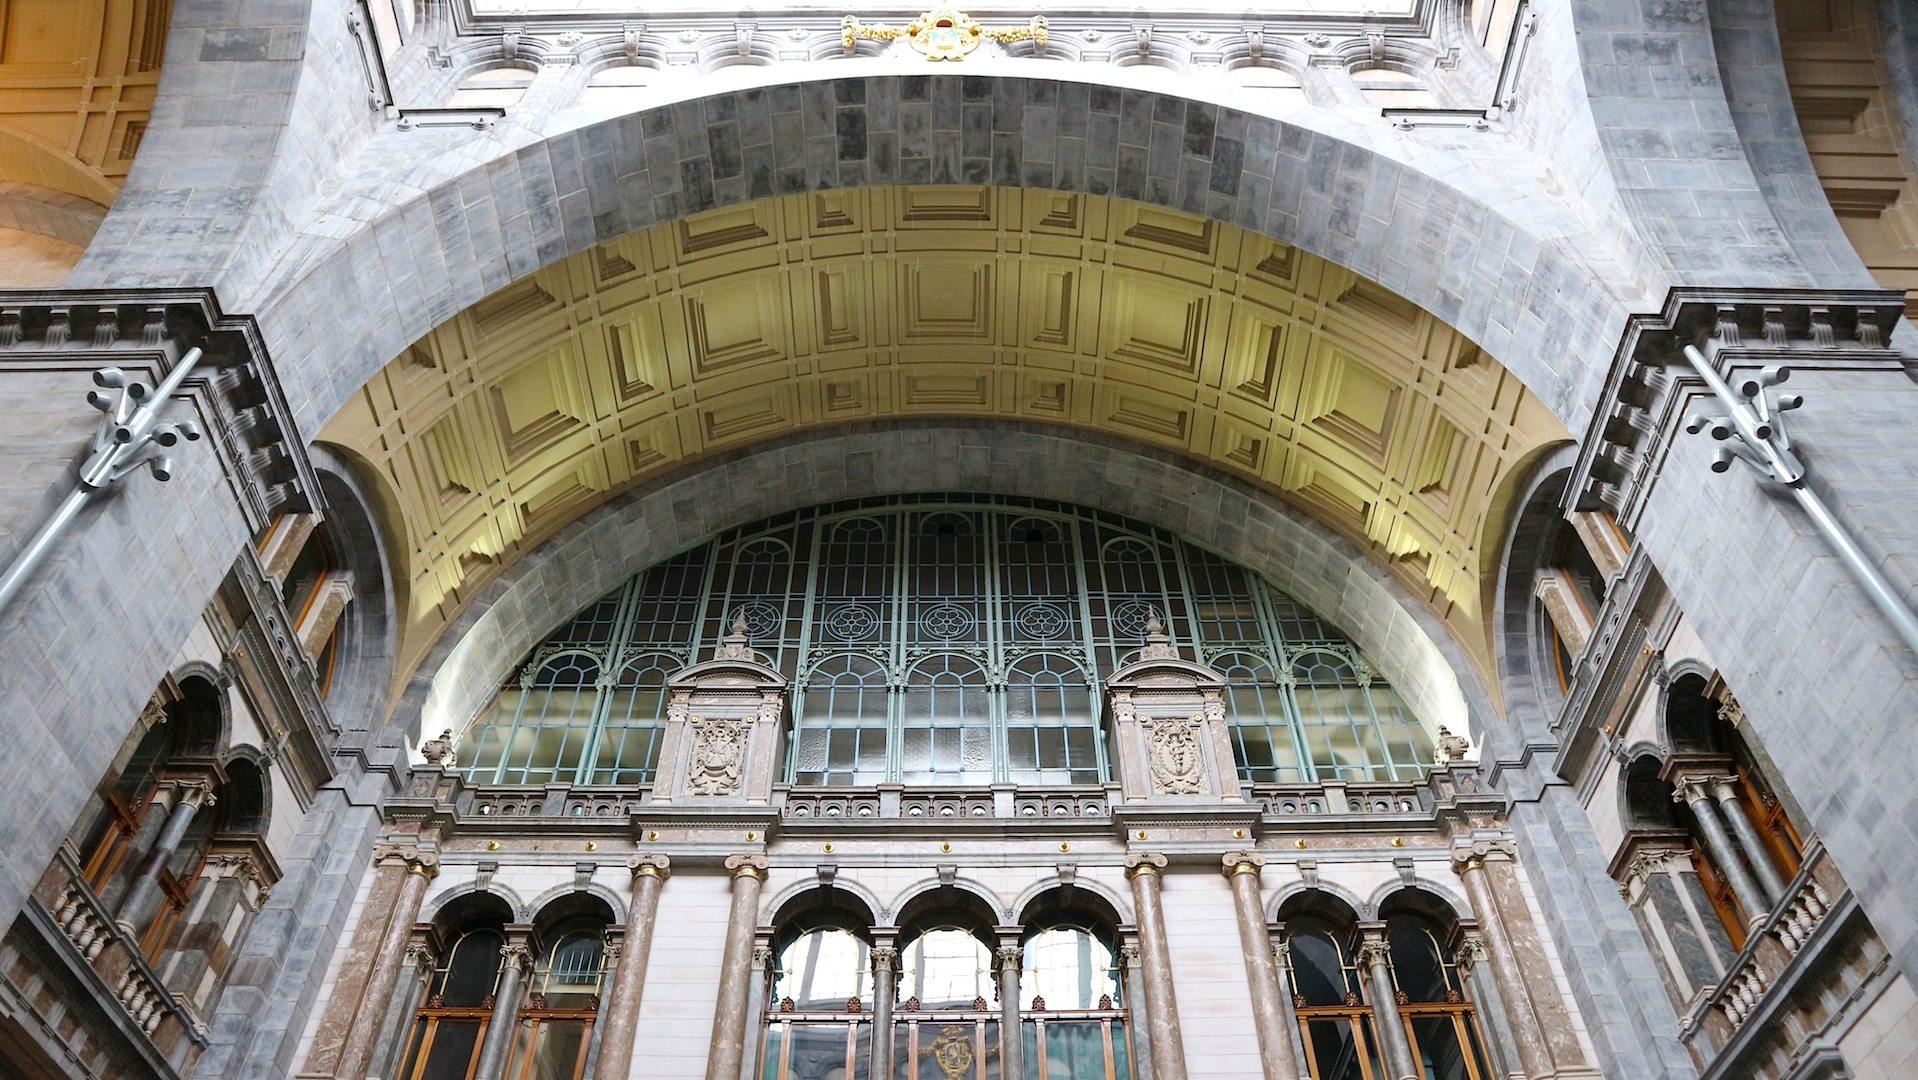 Pompös.  Das eklektizistische Empfangsgebäude des Architekten Louis de la Censerie